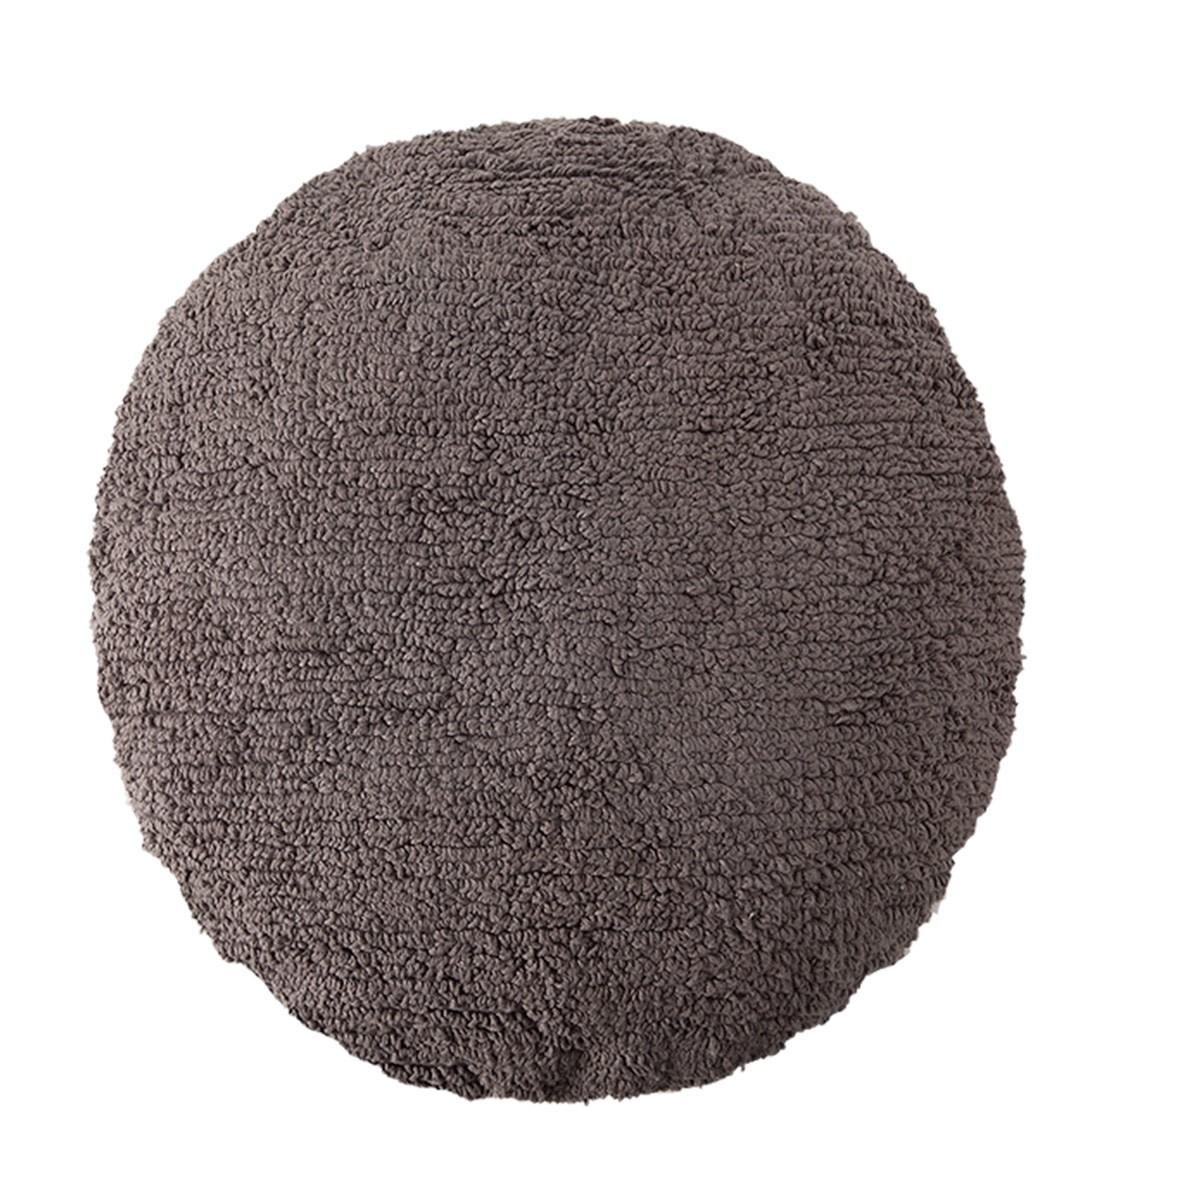 Διακοσμητικό Στρογγυλό Μαξιλάρι Lorena Canals Big Dot Dark Grey